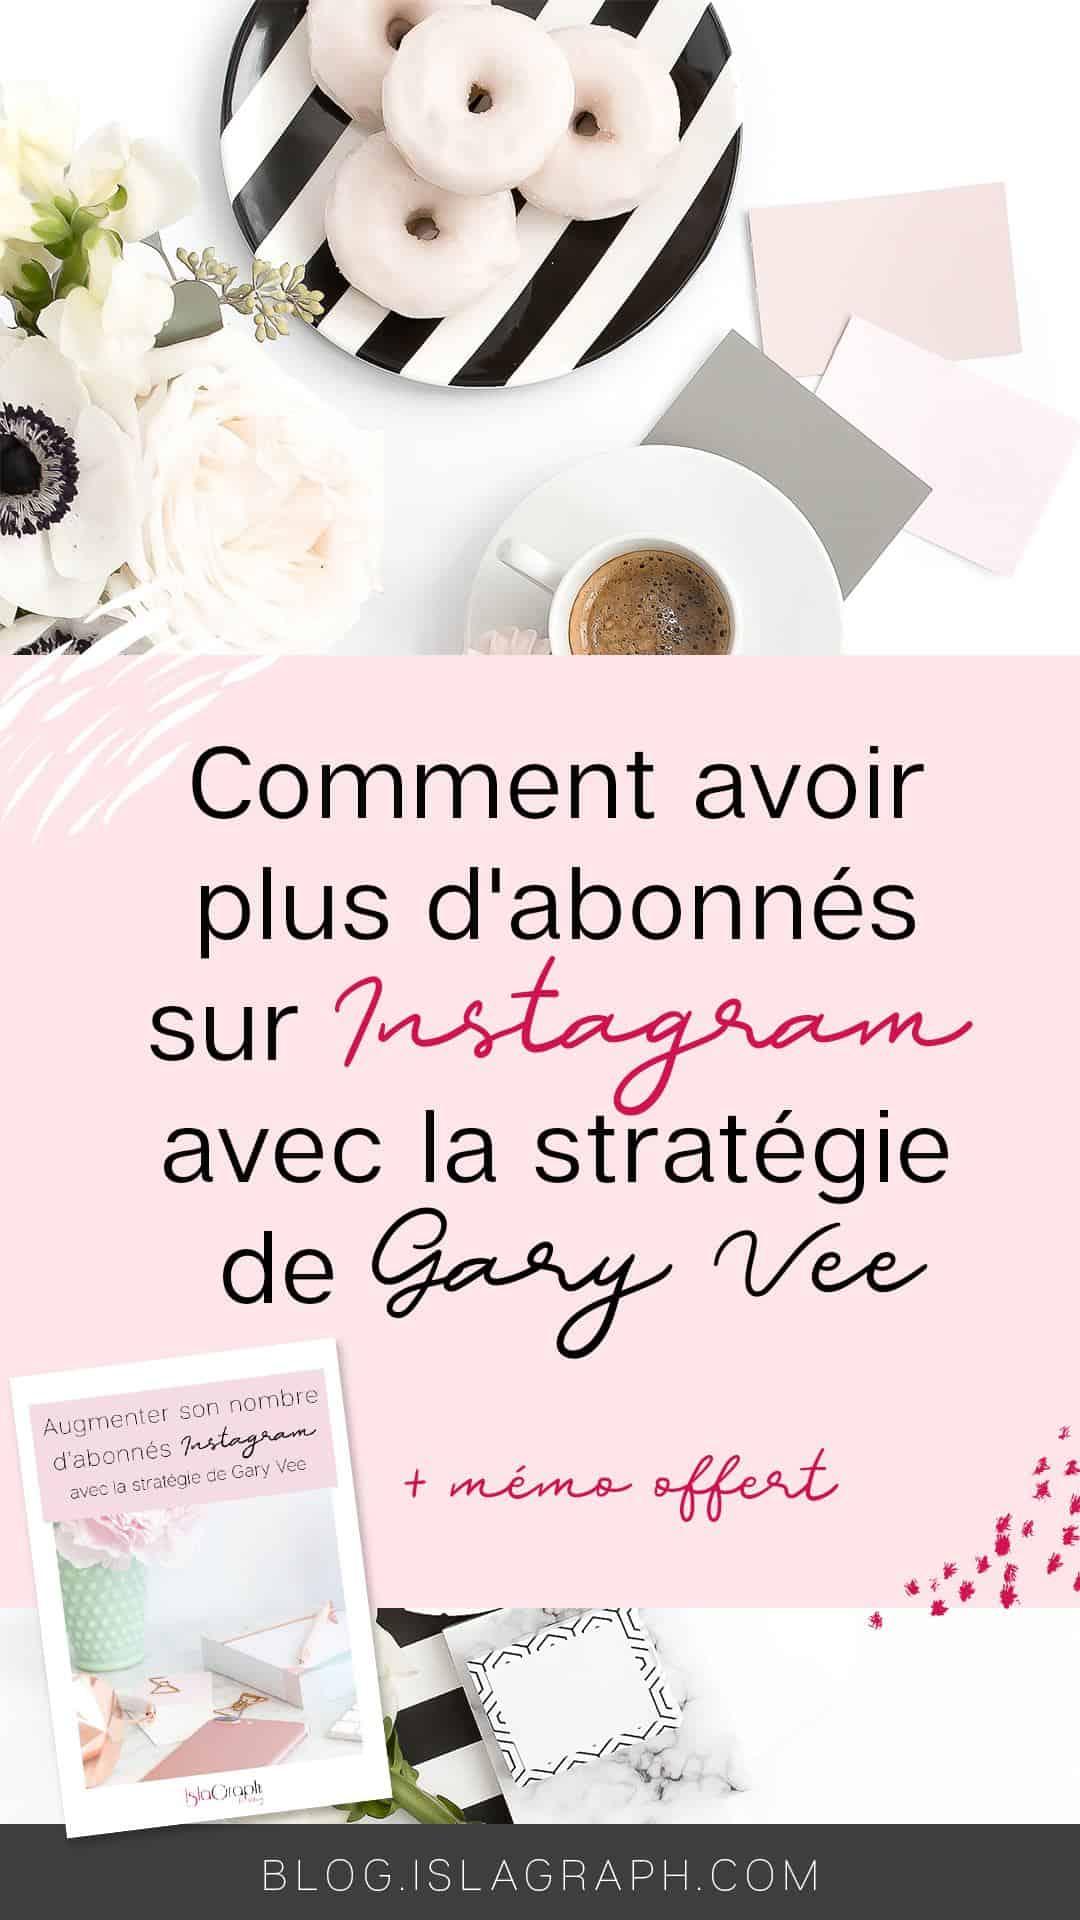 La stratégie dont je vais te parler aujourd'hui, est la stratégie que recommande Gary Vee pour augmenter son nombre d'abonné sur Instagram tout en se créant une communauté. Car oui, il est normal de vouloir grossir son compte, mais pas n'importe comment et surtout pas avec des mauvaises techniques.